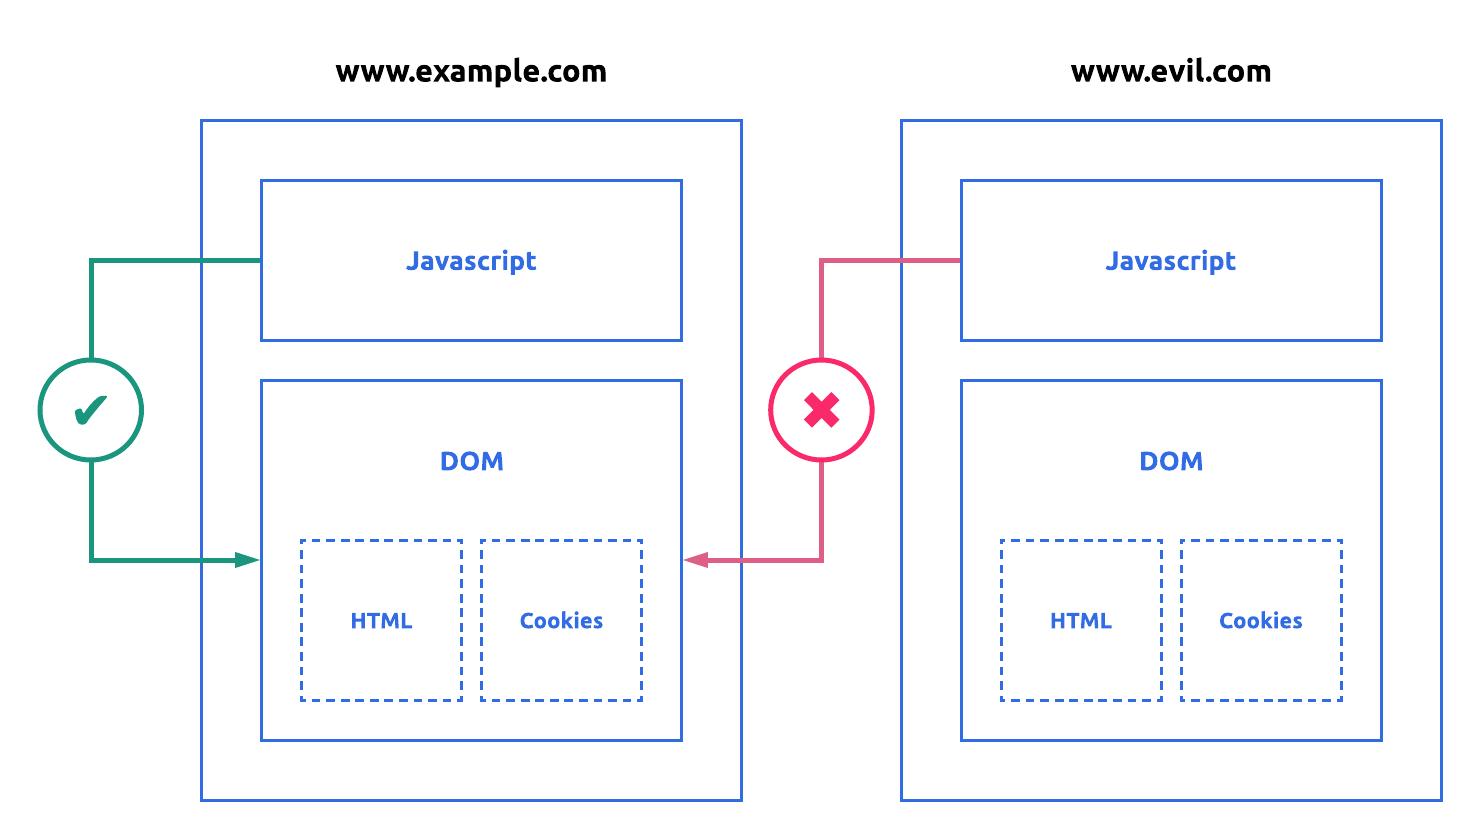 Рис. 1: Иллюстрация Same-Origin в действии. JavaScript работает на www.evil.com и не может получить доступ к DOM на www.example.com.